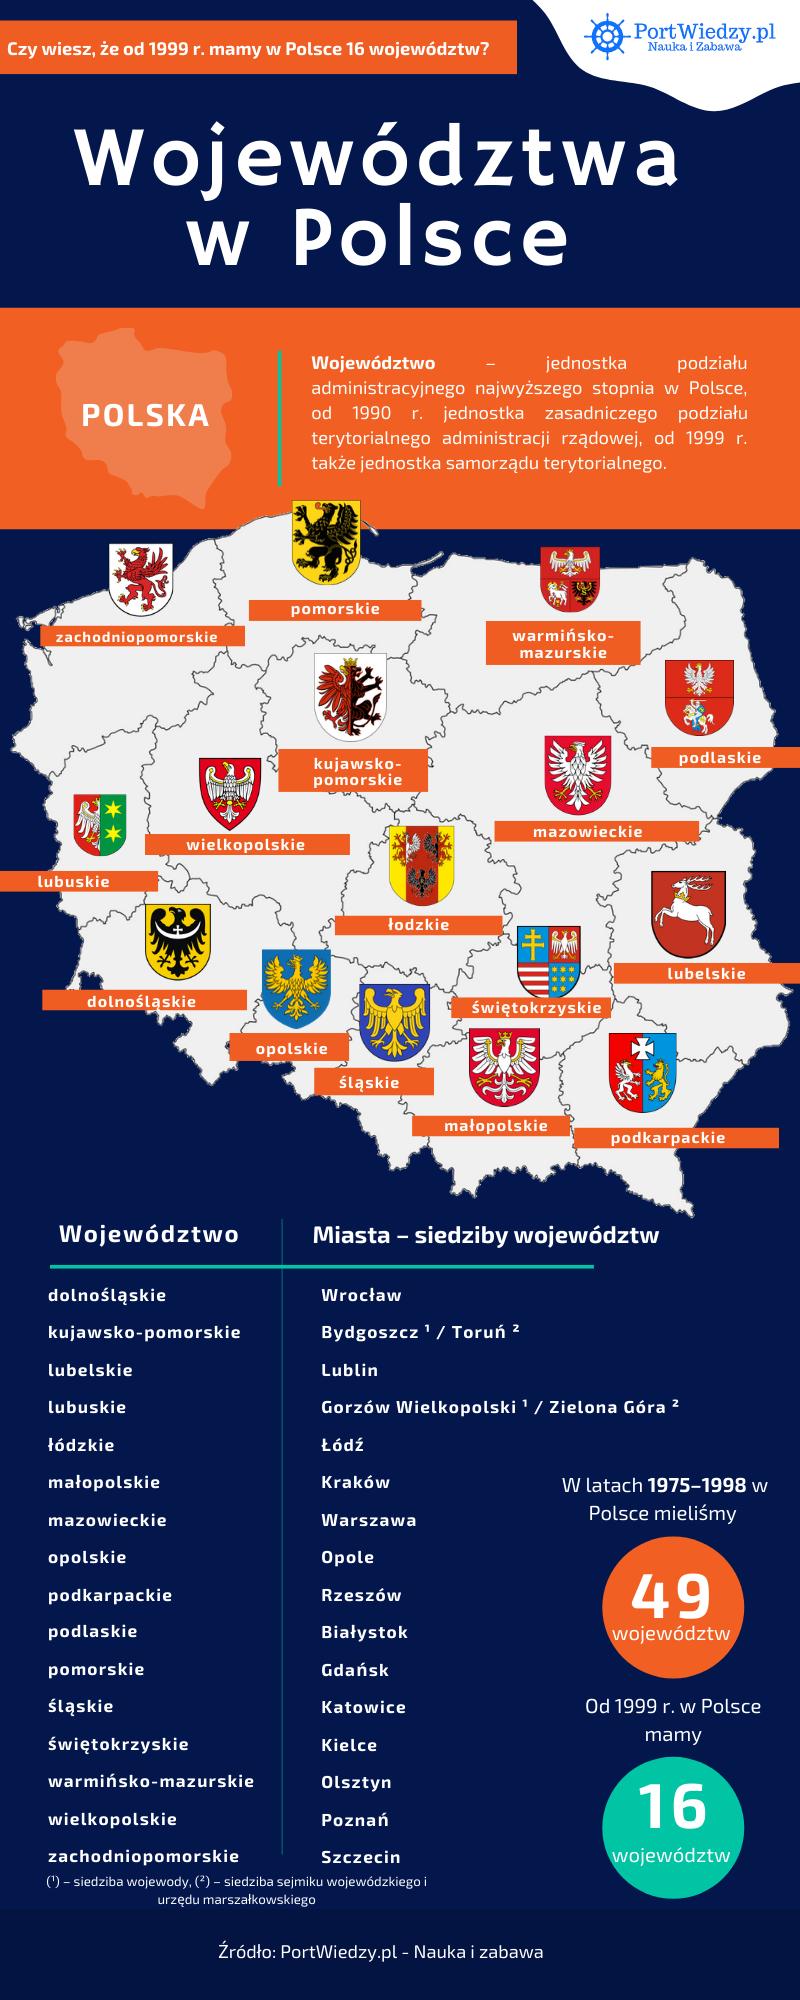 wojewodztwa w polsce infografika - wojewodztwa_w_polsce_infografika